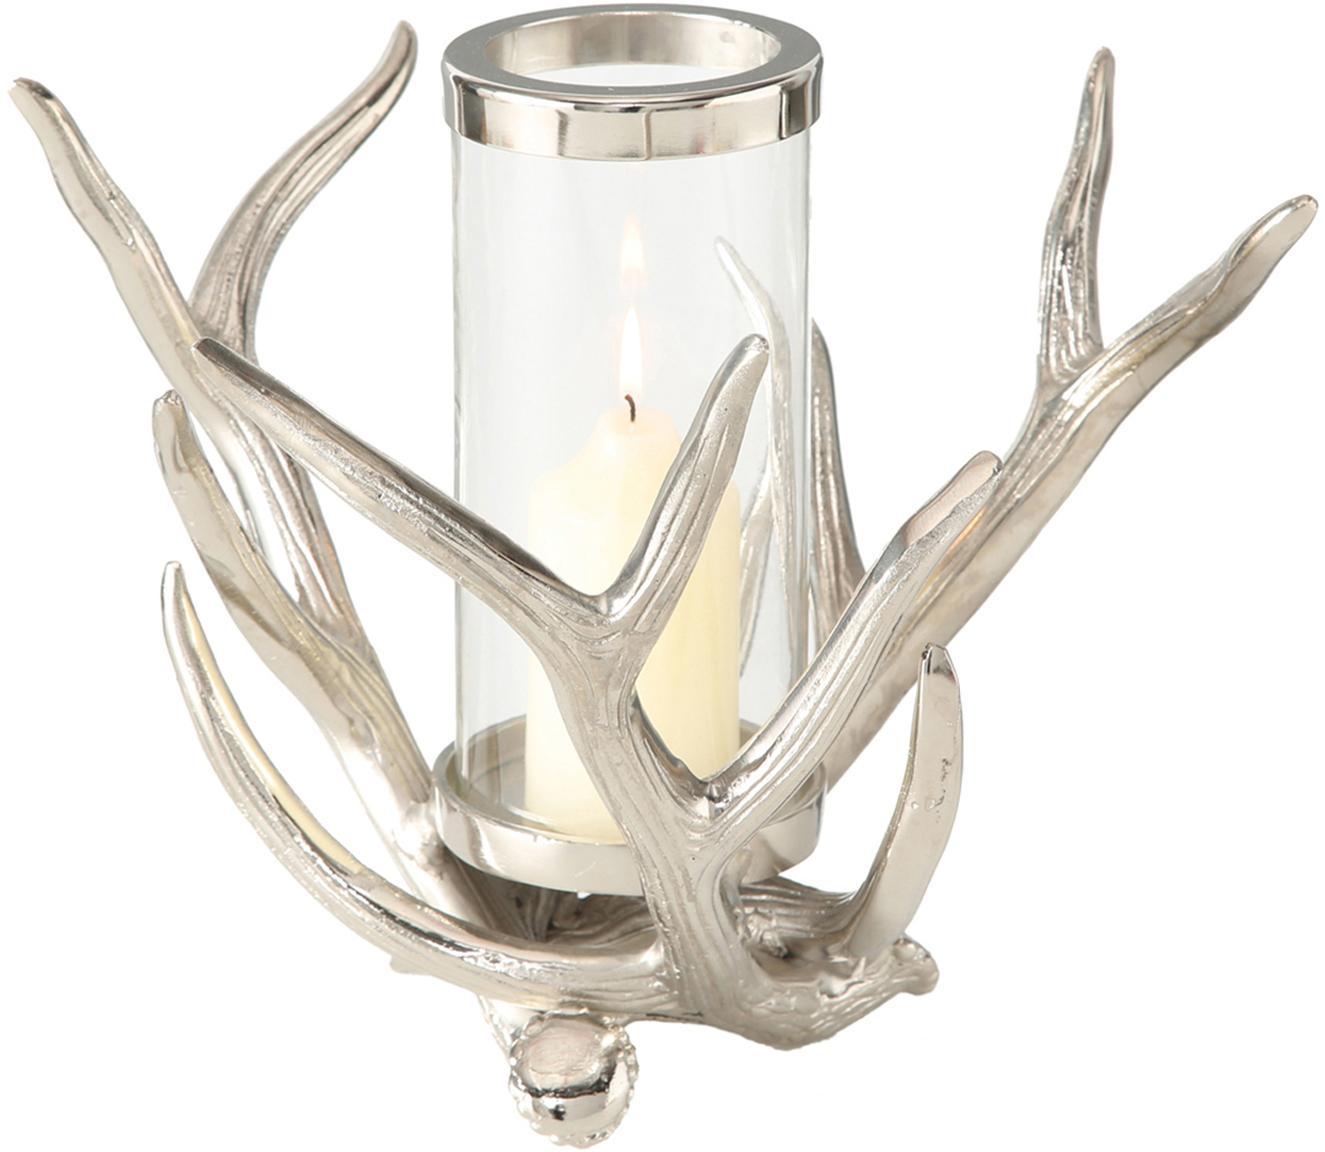 Portacandela country in vetro Antlers, 2 pz., Portacandela: alluminio, Trasparente, alluminio, Larg. 33 x Alt. 25 cm